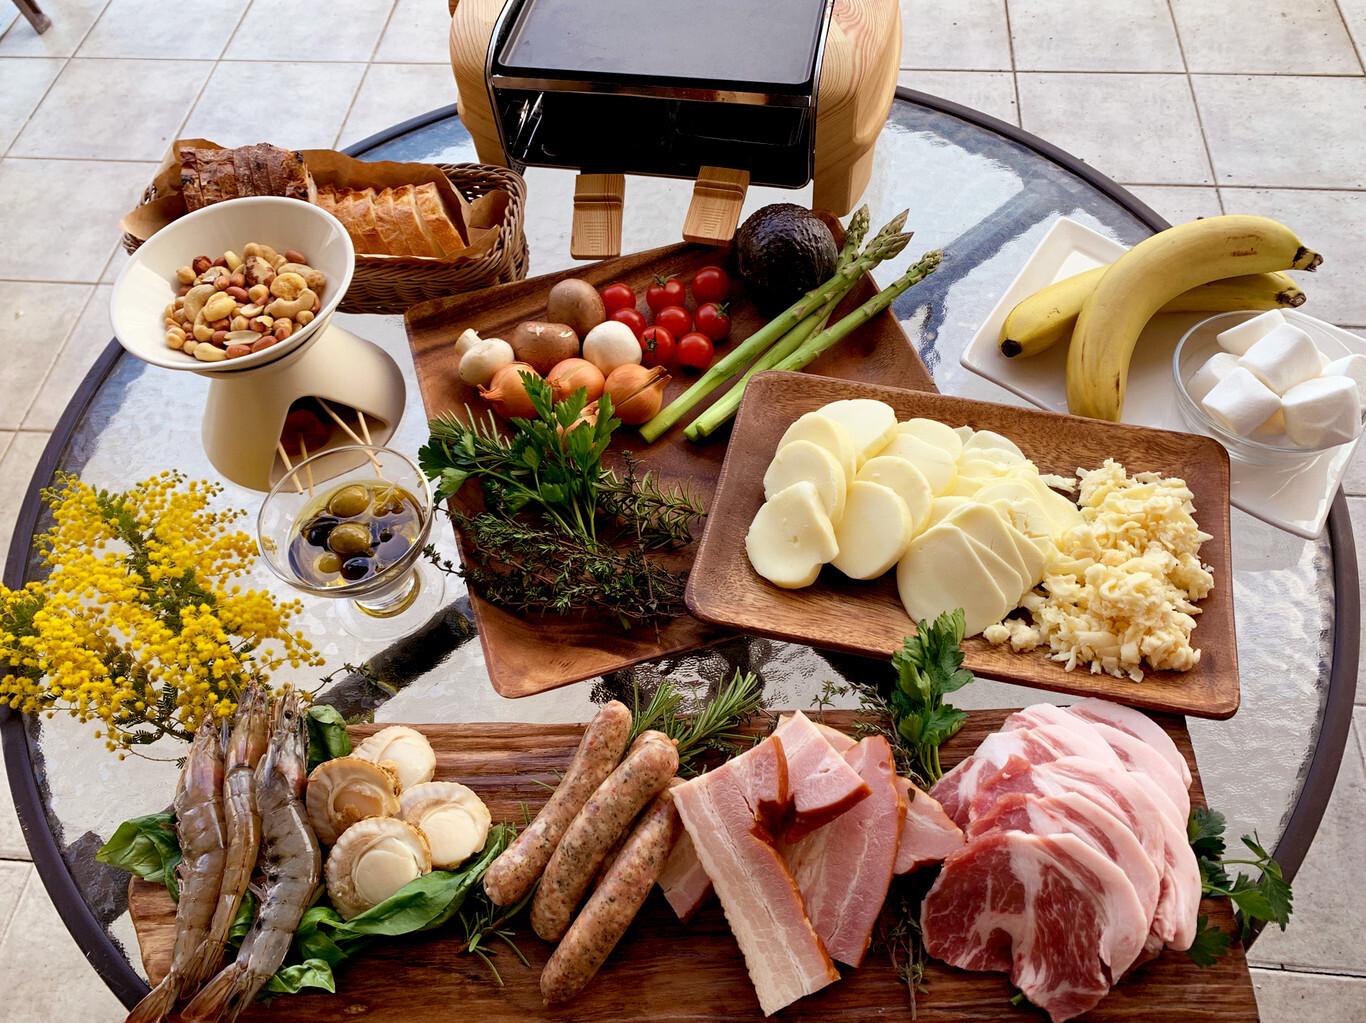 ラクレットチーズ&ワインプラン★プレミアムグランピング【1泊2食付】 画像